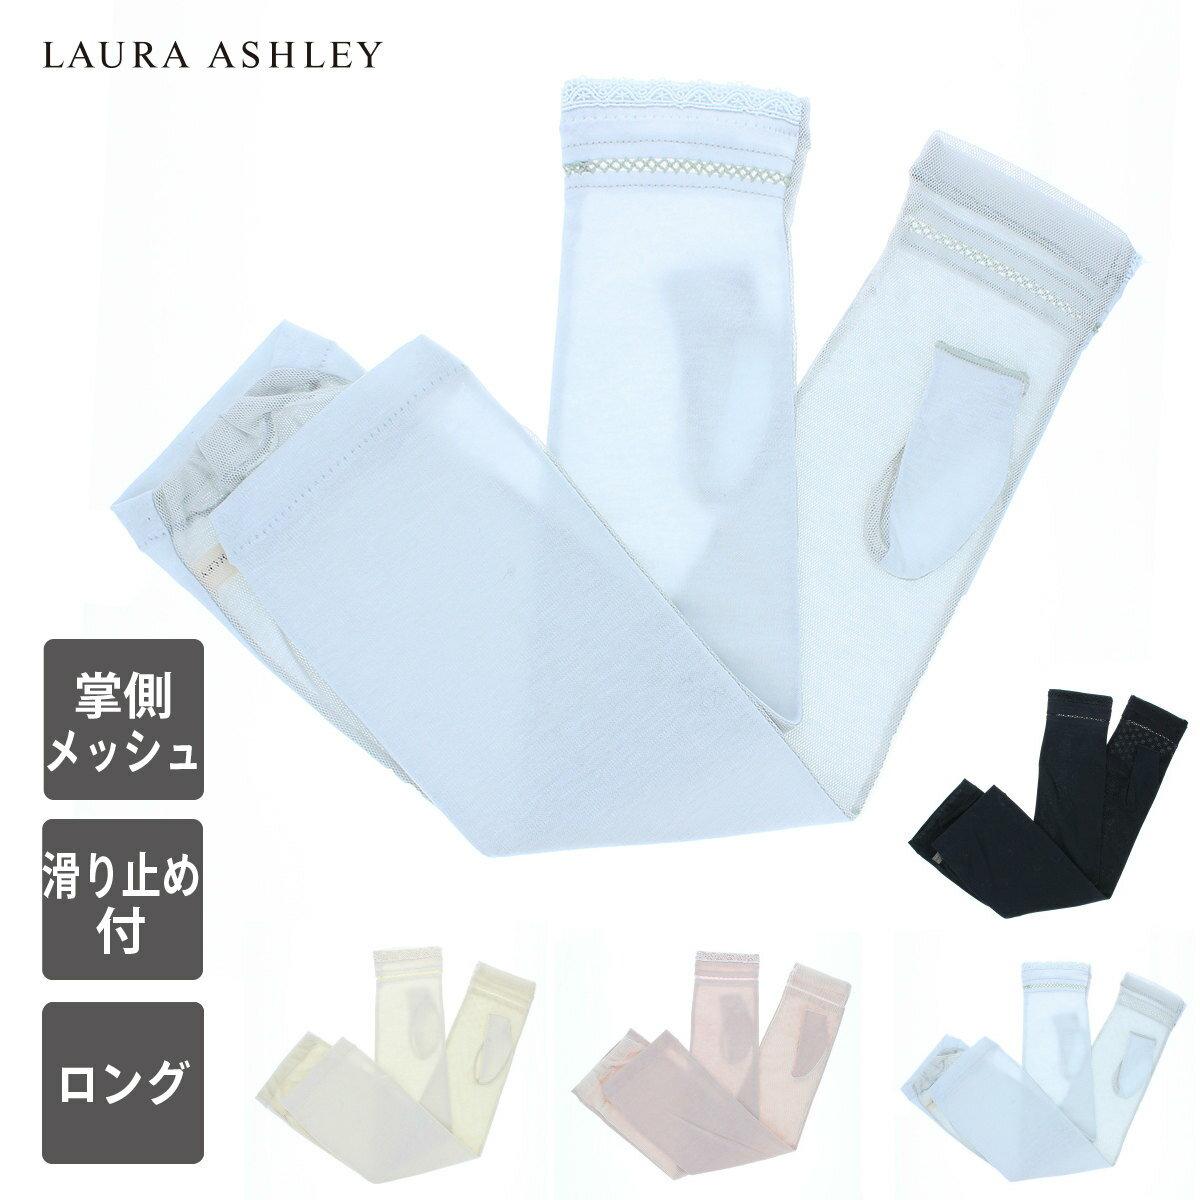 ローラ アシュレイ 指なし UVカット UV手袋   てぶくろ ギフト プレゼント 40cm ロング丈 保湿 ひんやり触感 掌側 メッシュ おしゃれ 通勤 通学